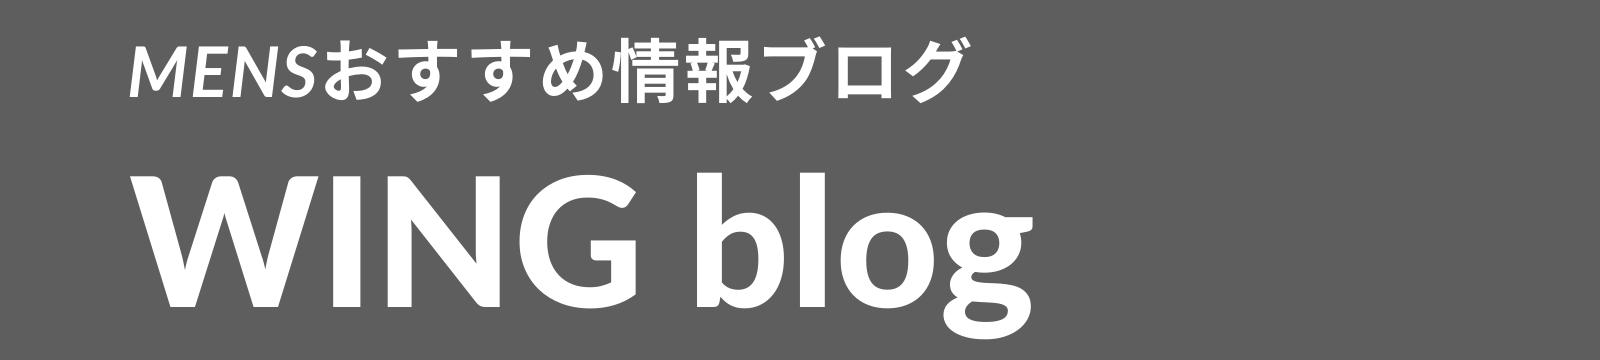 ウイングブログ